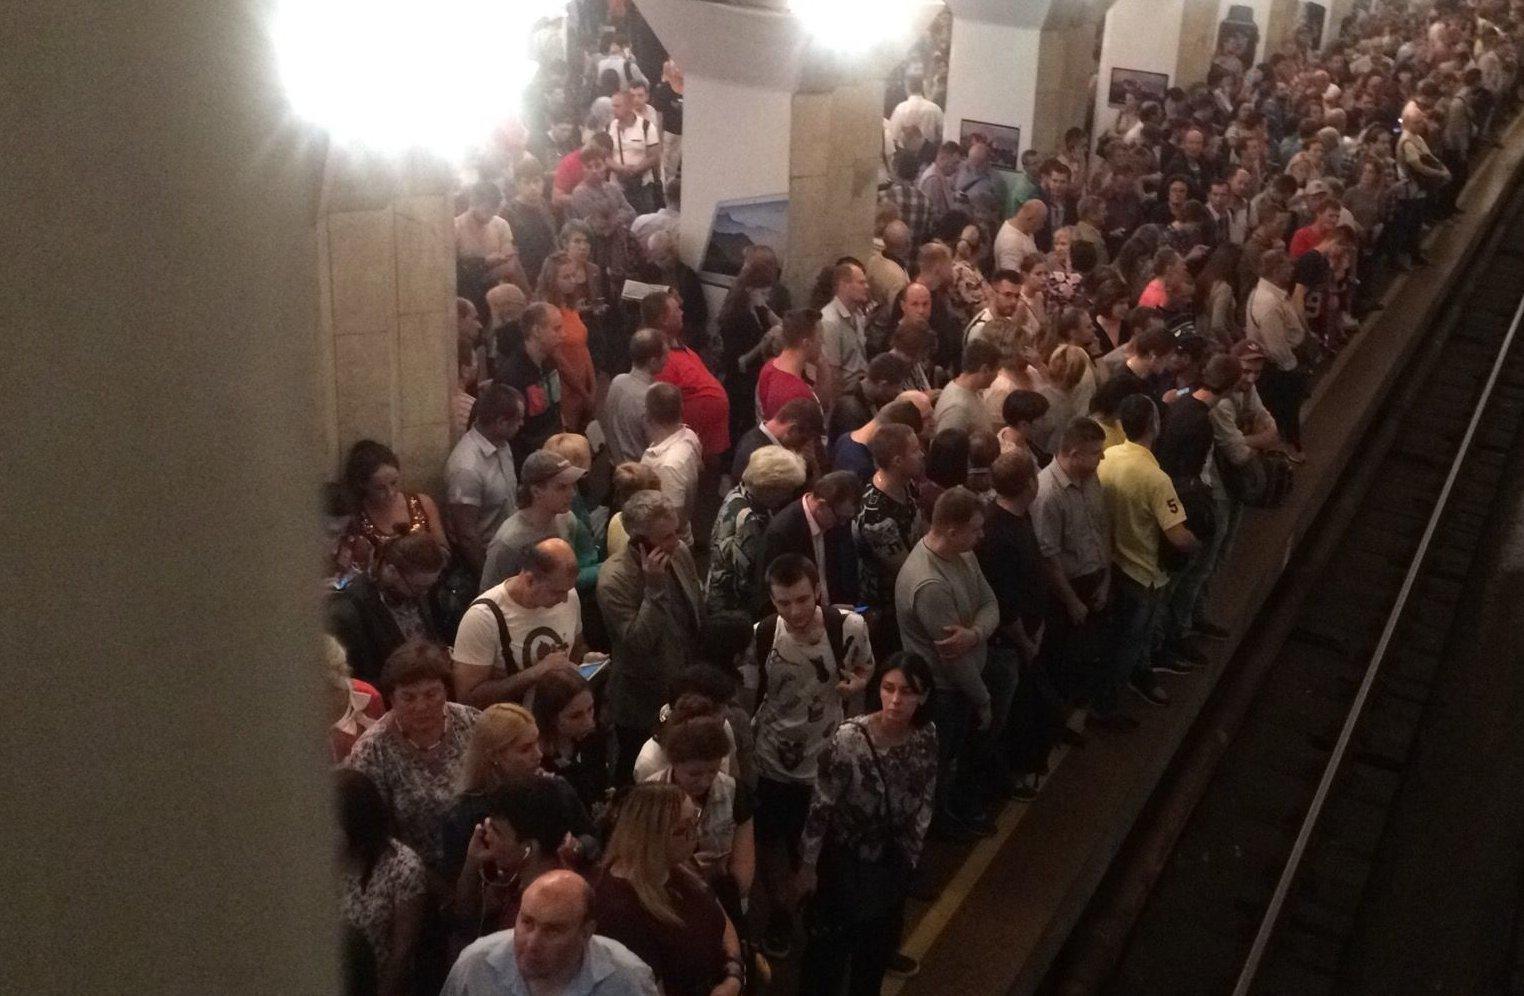 Вцентре украинской столицы из-за задымления закрыли три станции метро